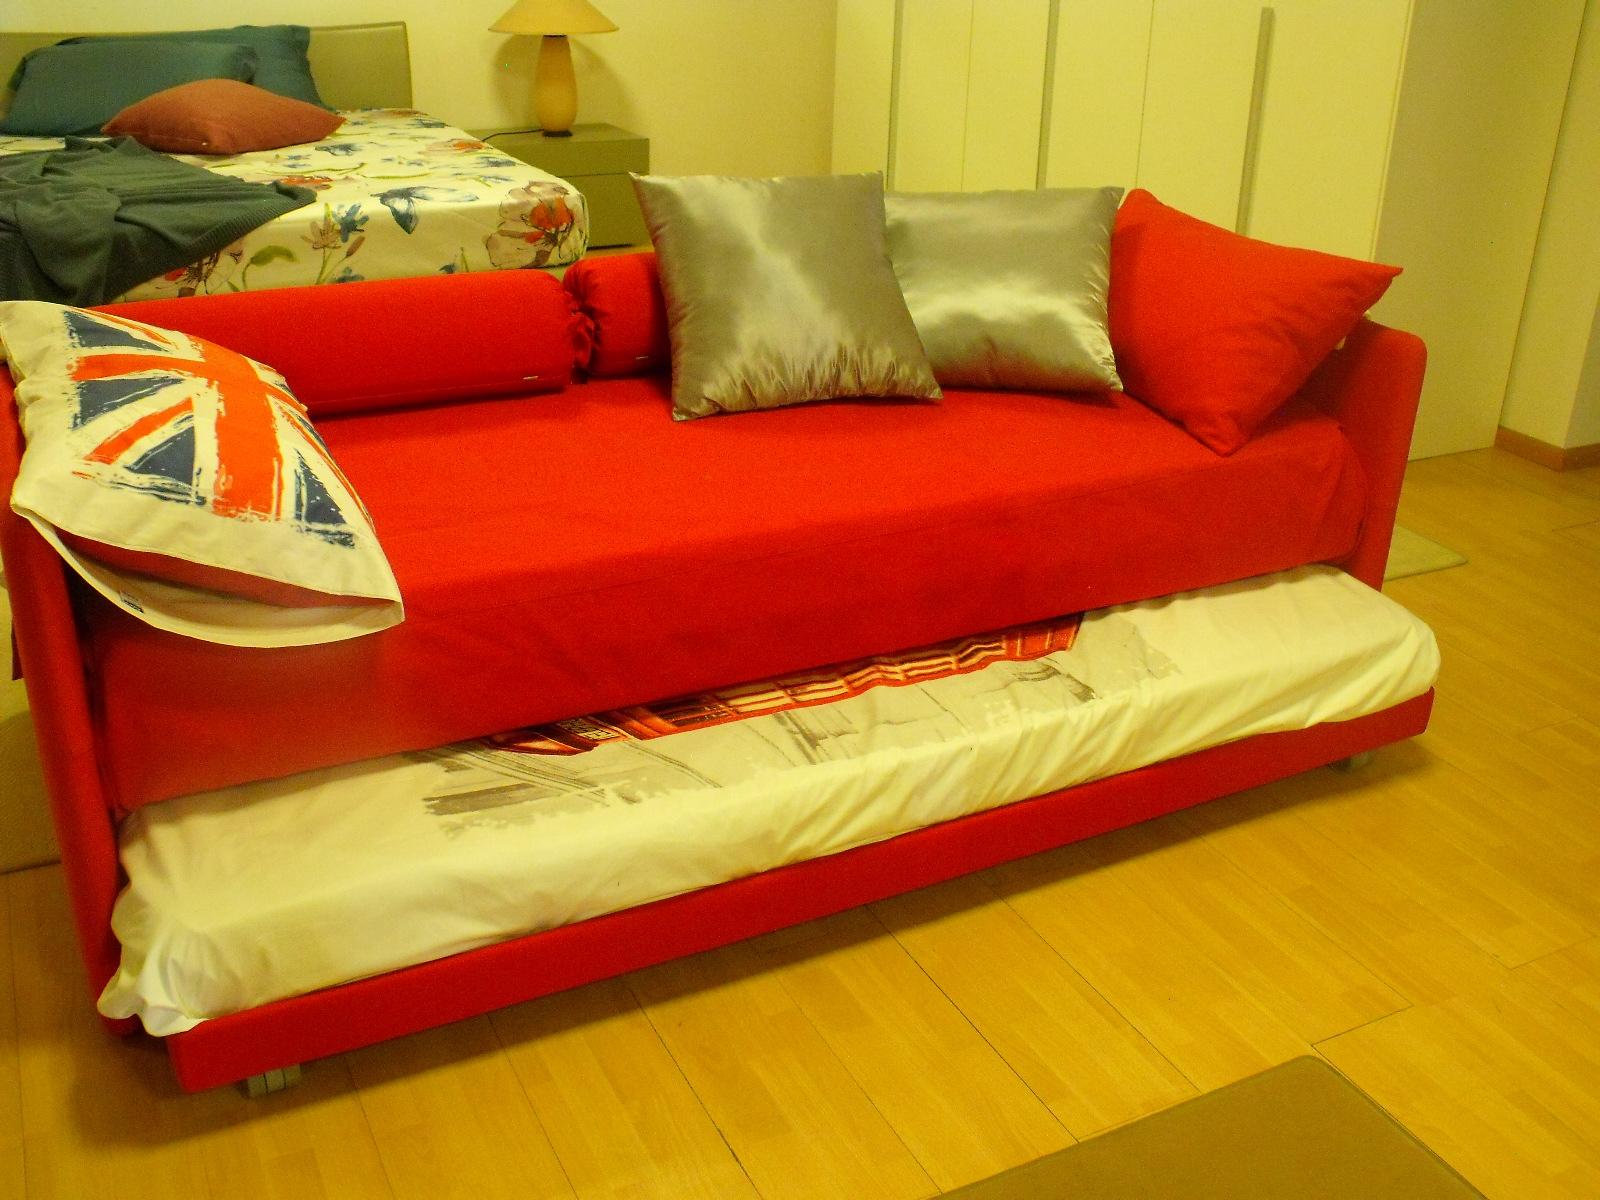 Letto flou duetto scontato del 32 letti a prezzi scontati for Cerco divano letto usato a milano